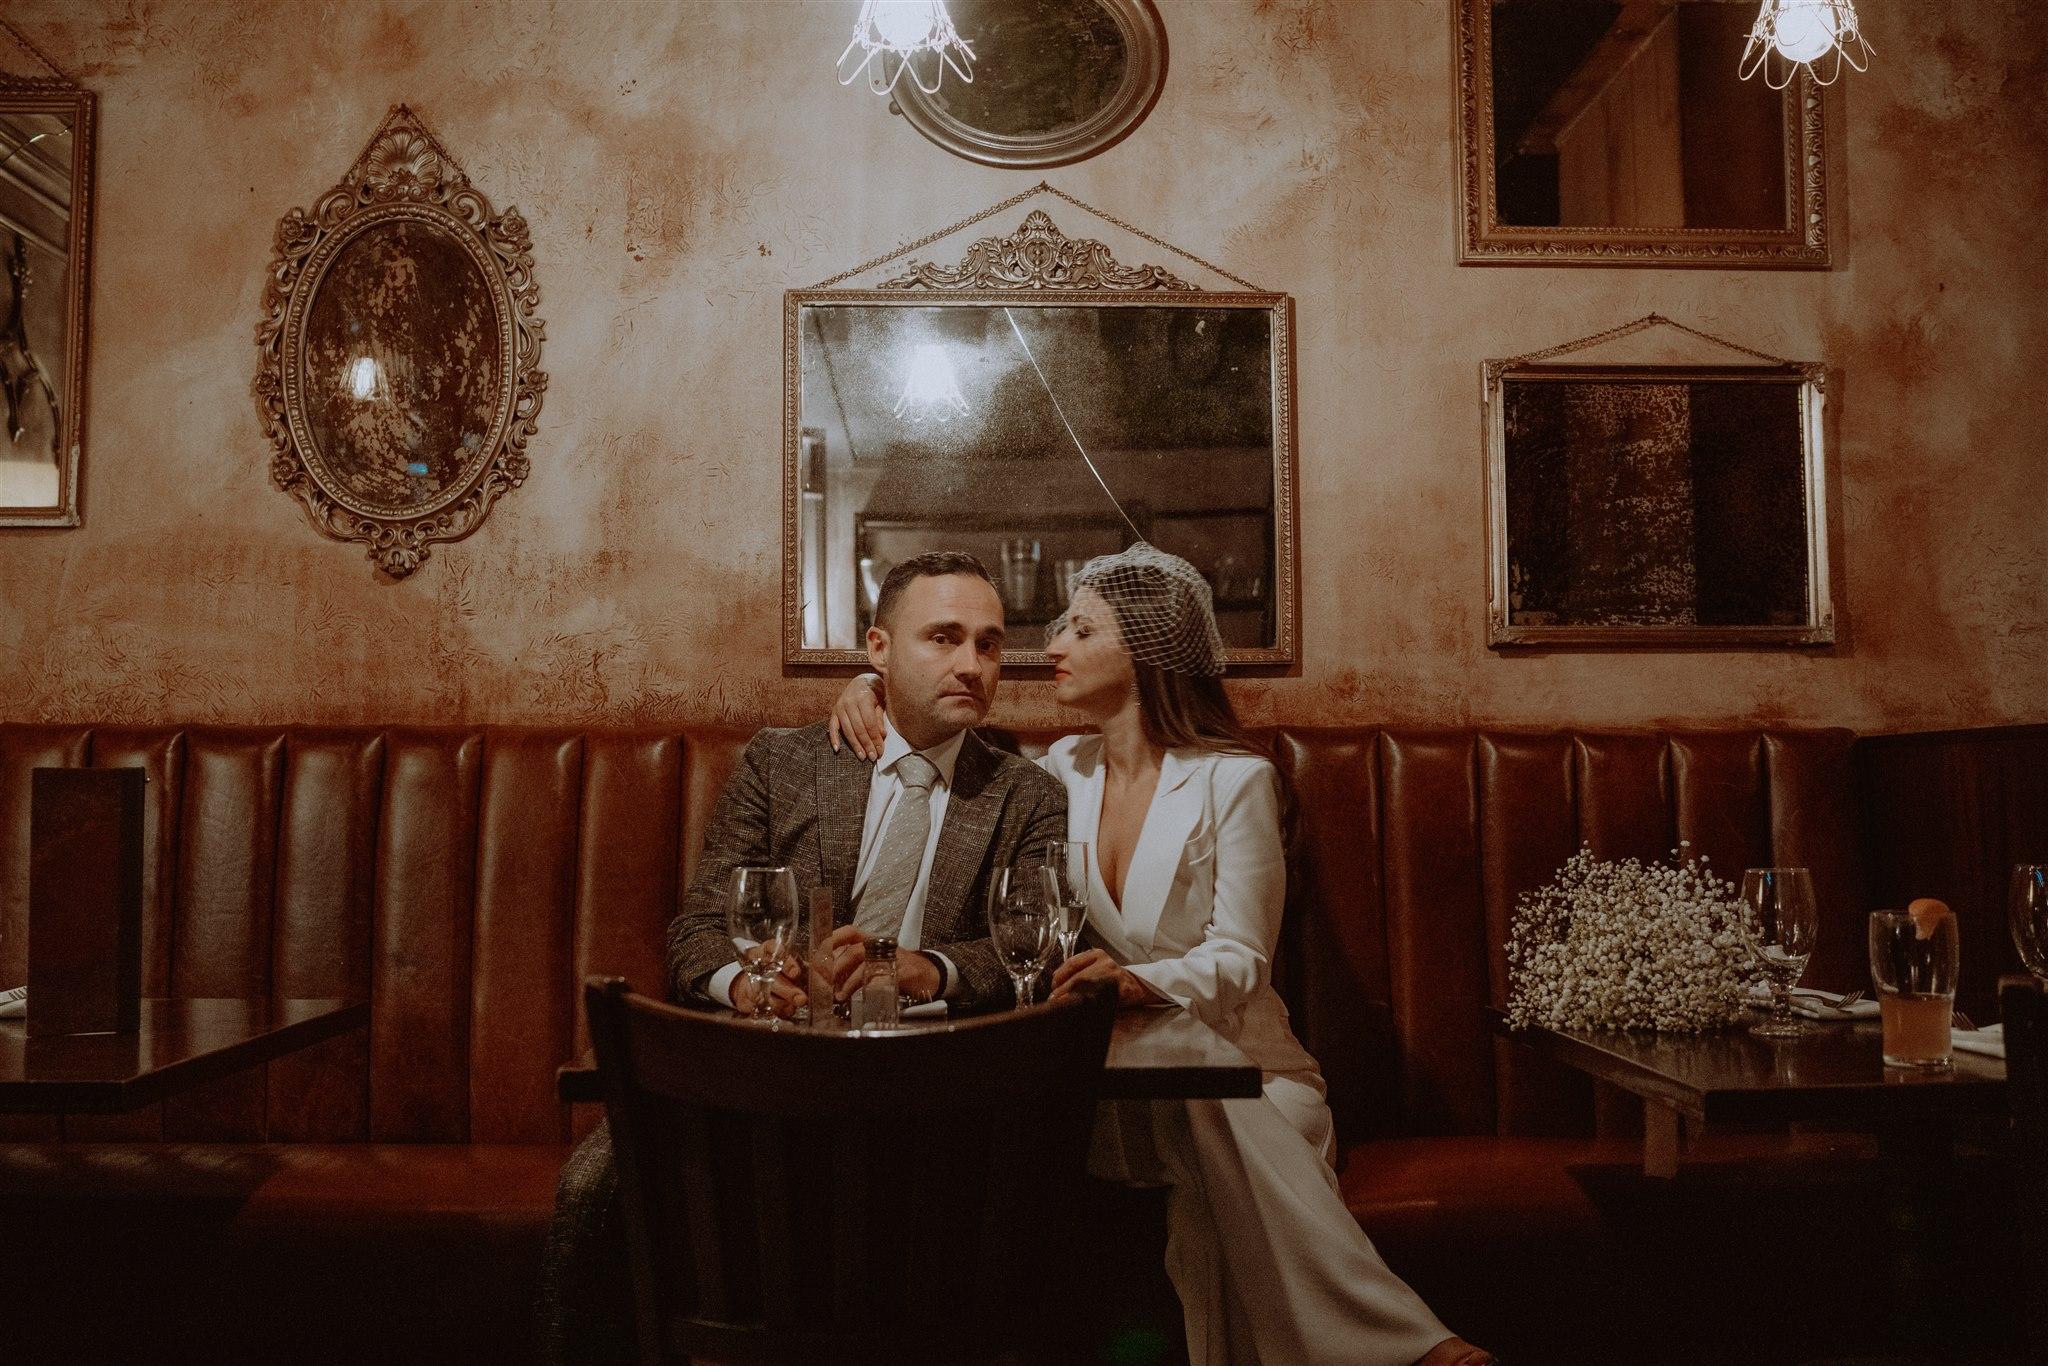 Chellise_Michael_Photography_Ramona_Brooklyn_Wedding_Photographer-205.jpg